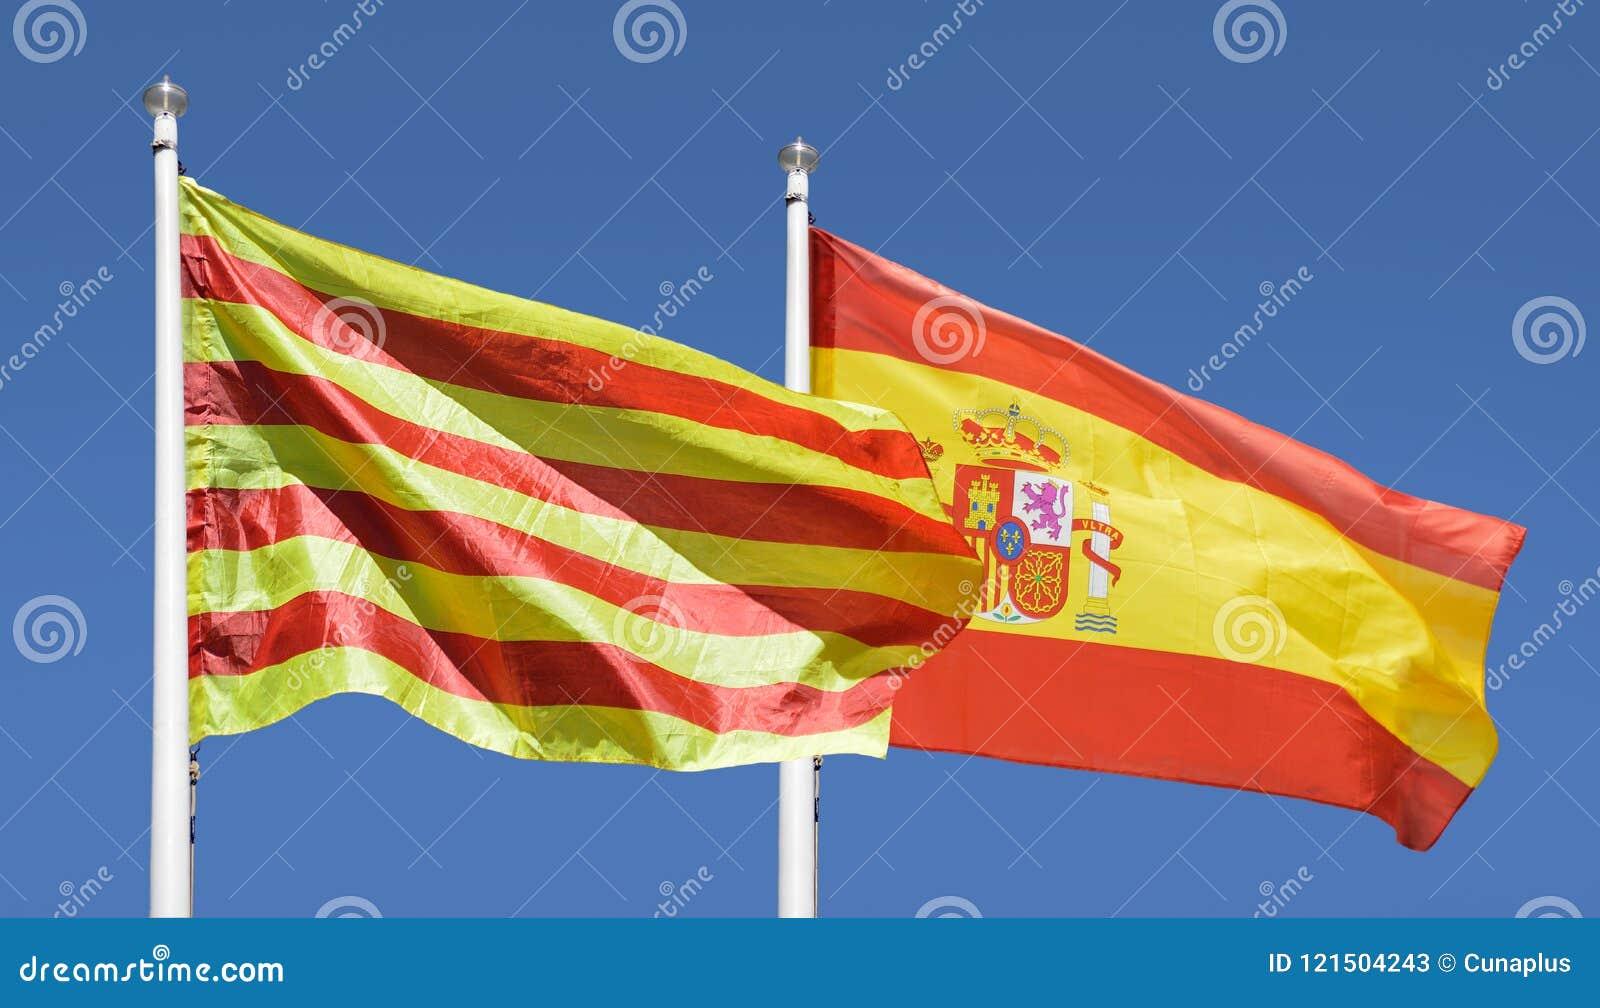 Bandera española y catalana